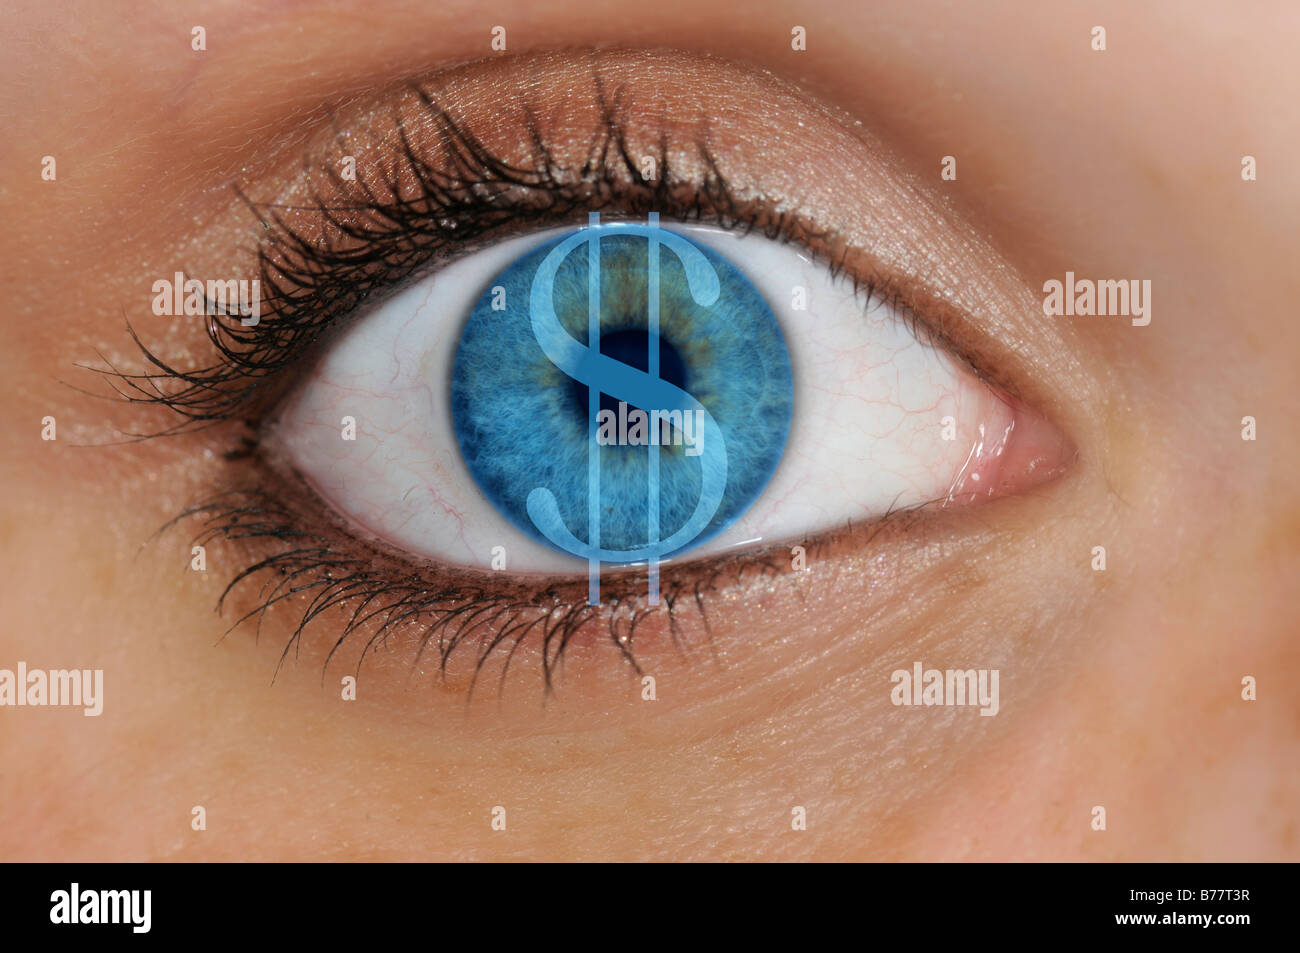 Oeil avec un symbole dollar superposé sur un iris bleu, détail, symbolique de l'avarice Photo Stock